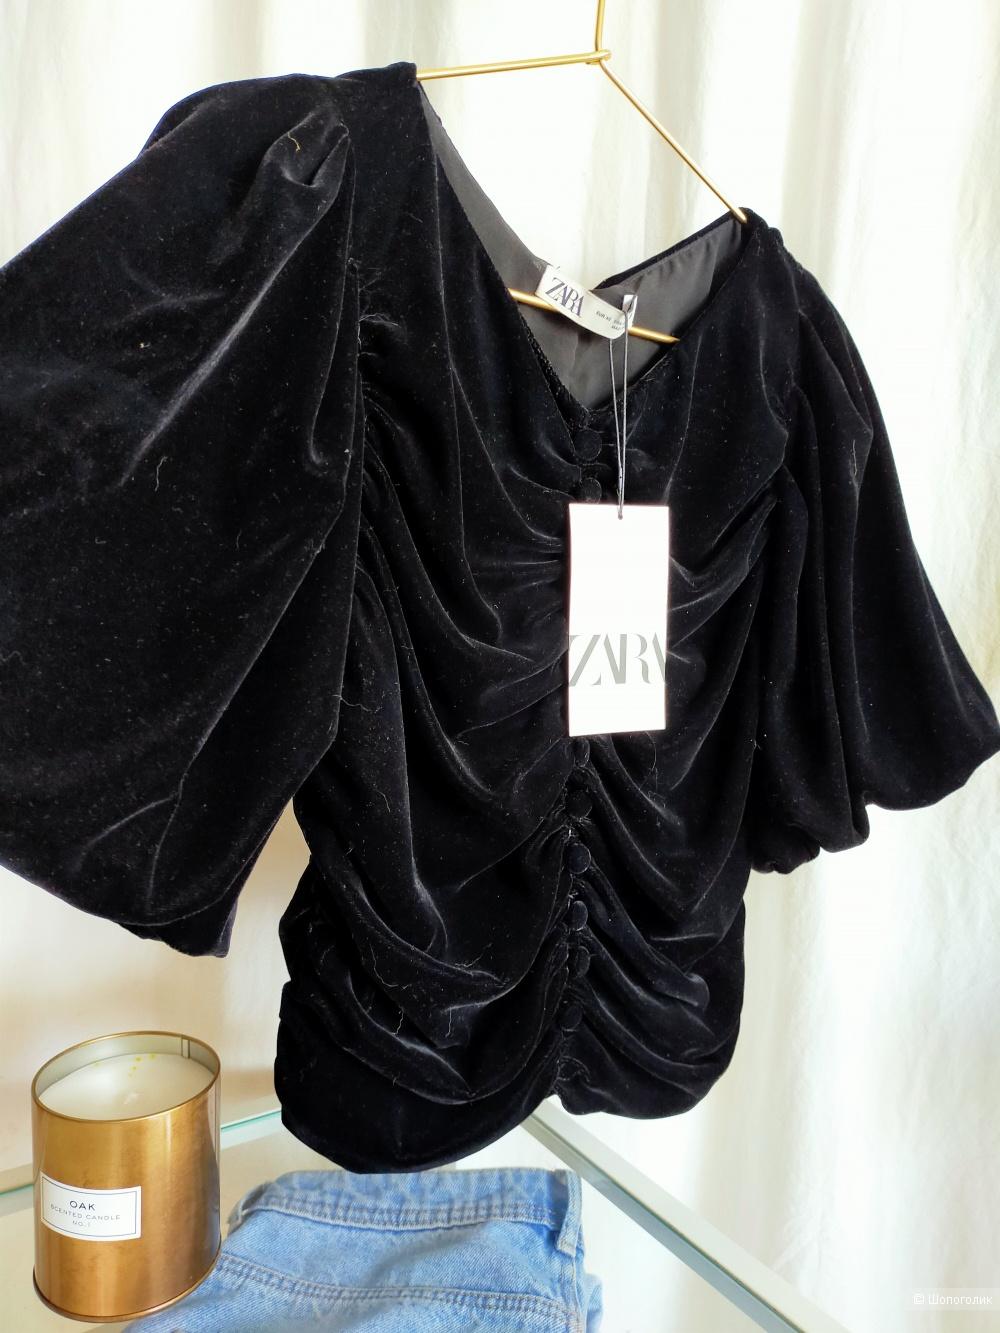 Рубашка Zara размер XS